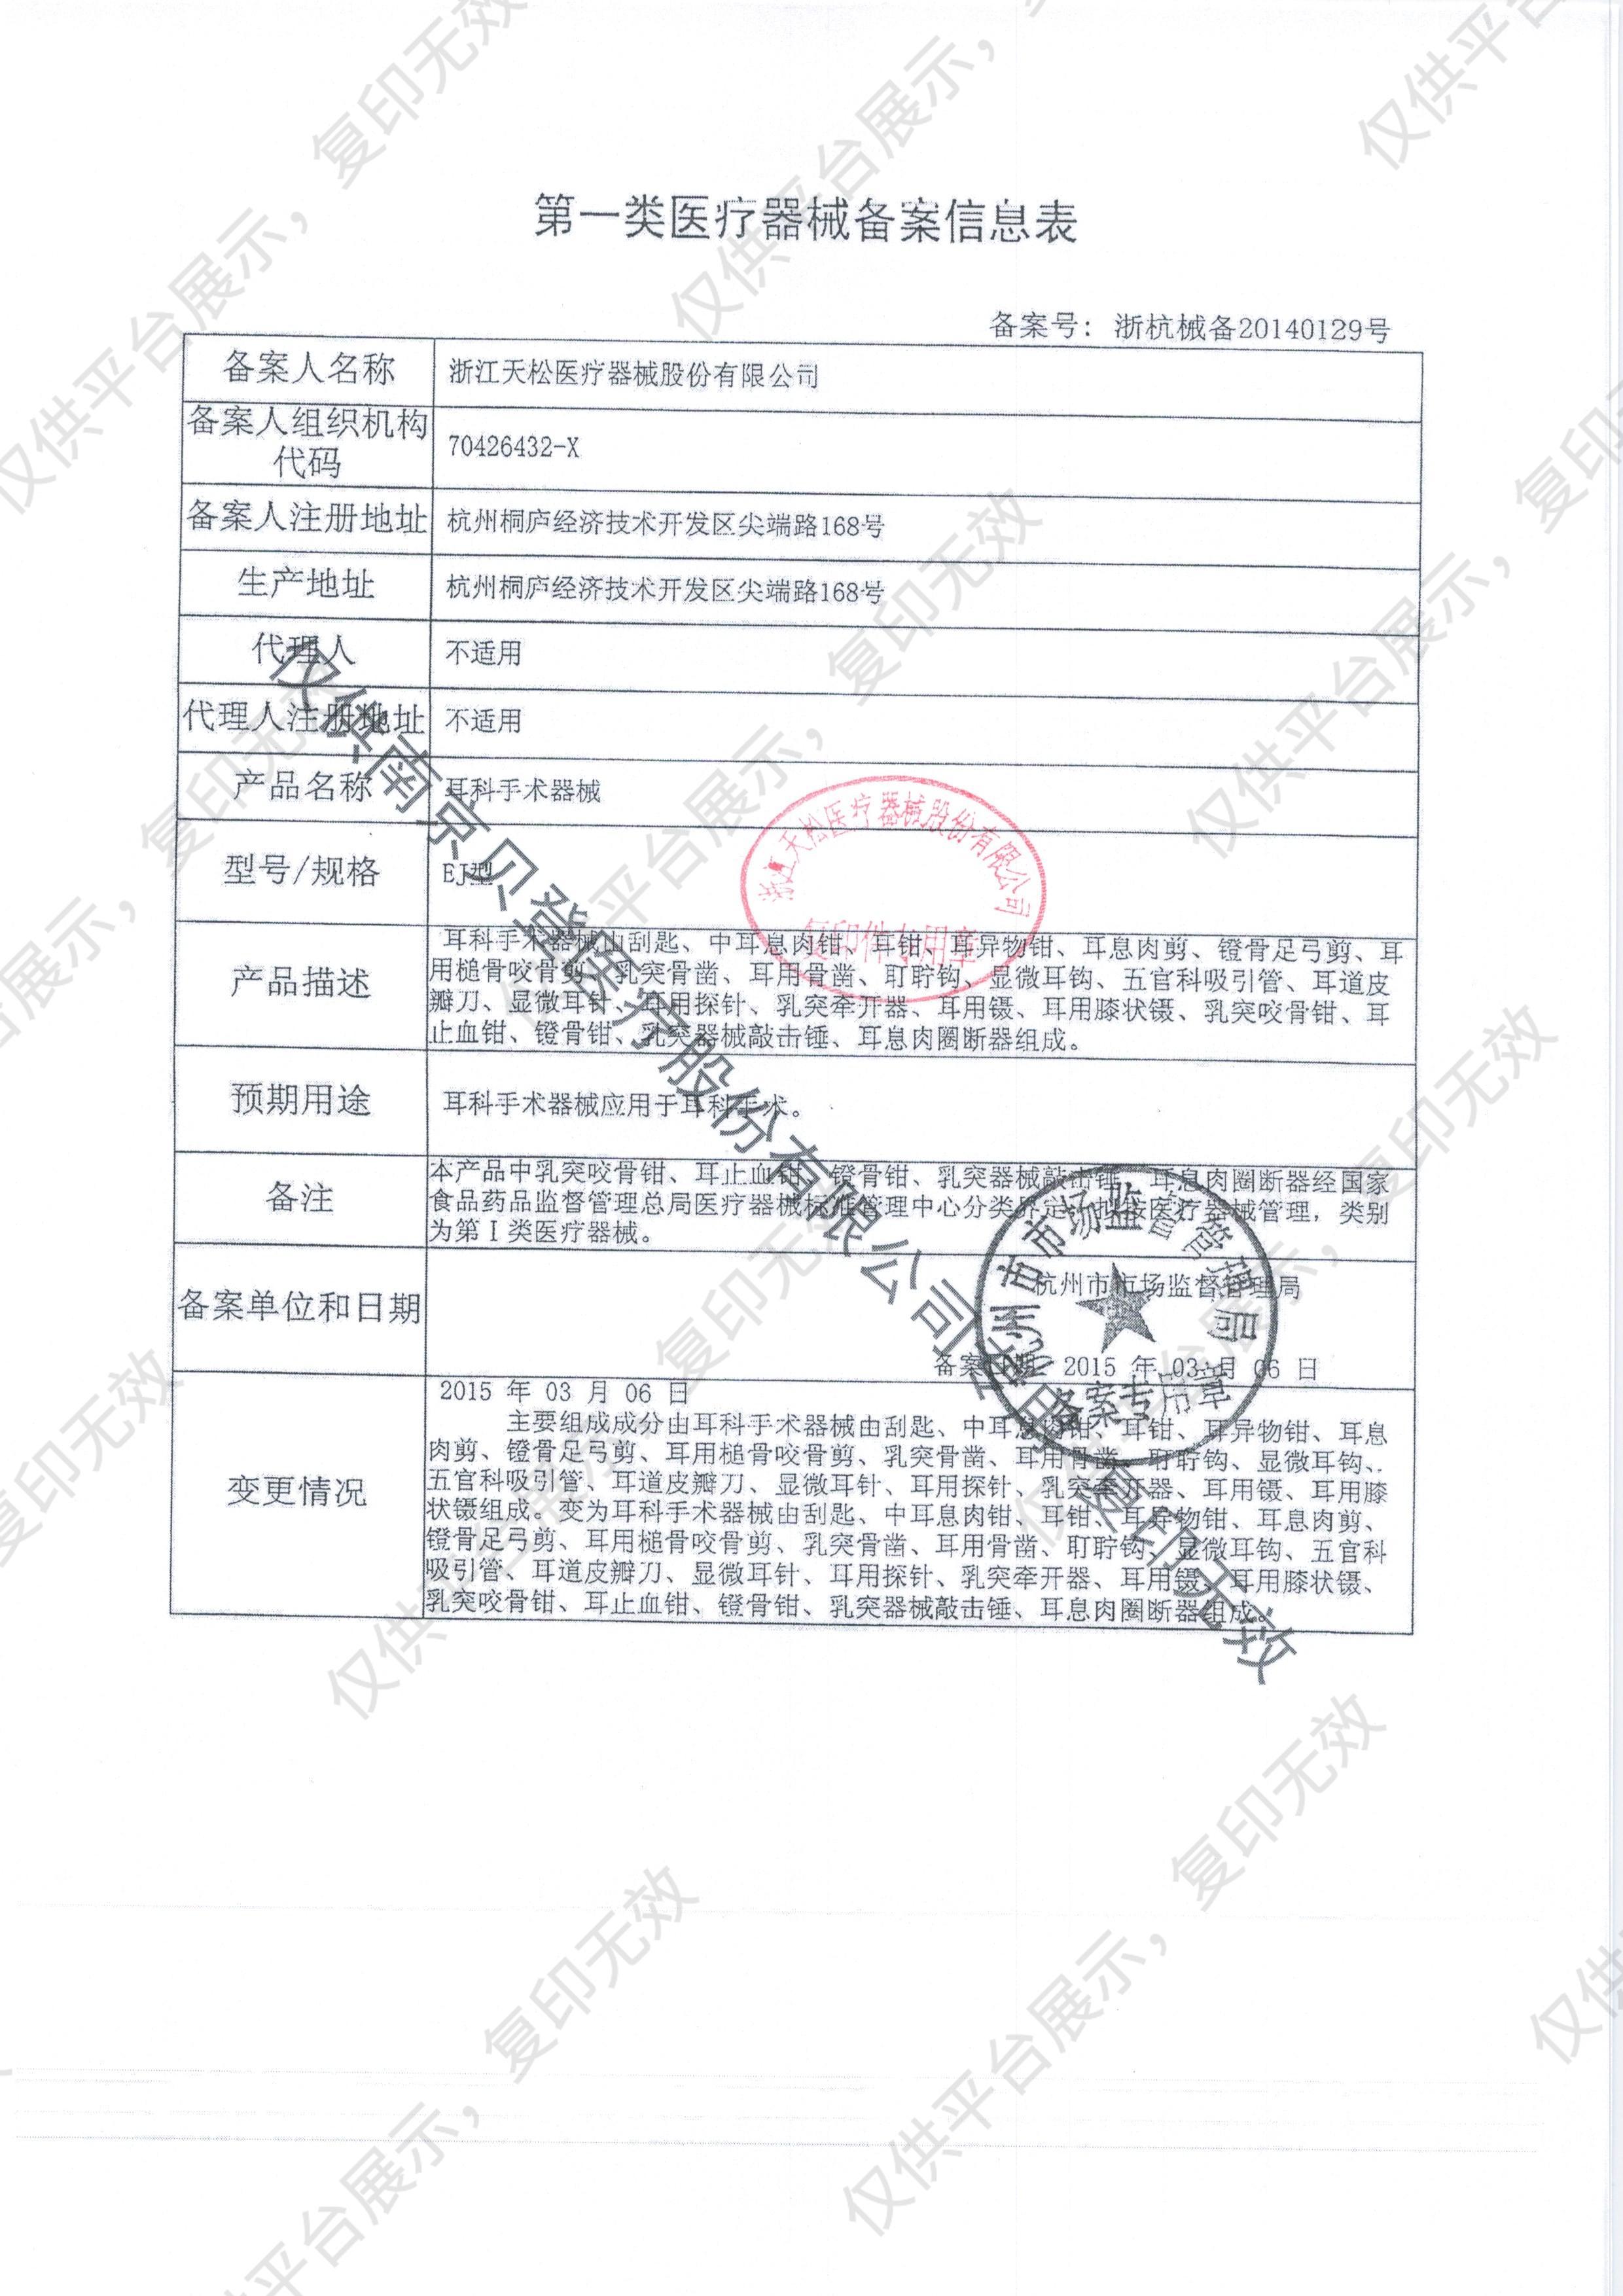 天松TianSong 耵聍钩 C2080-6注册证